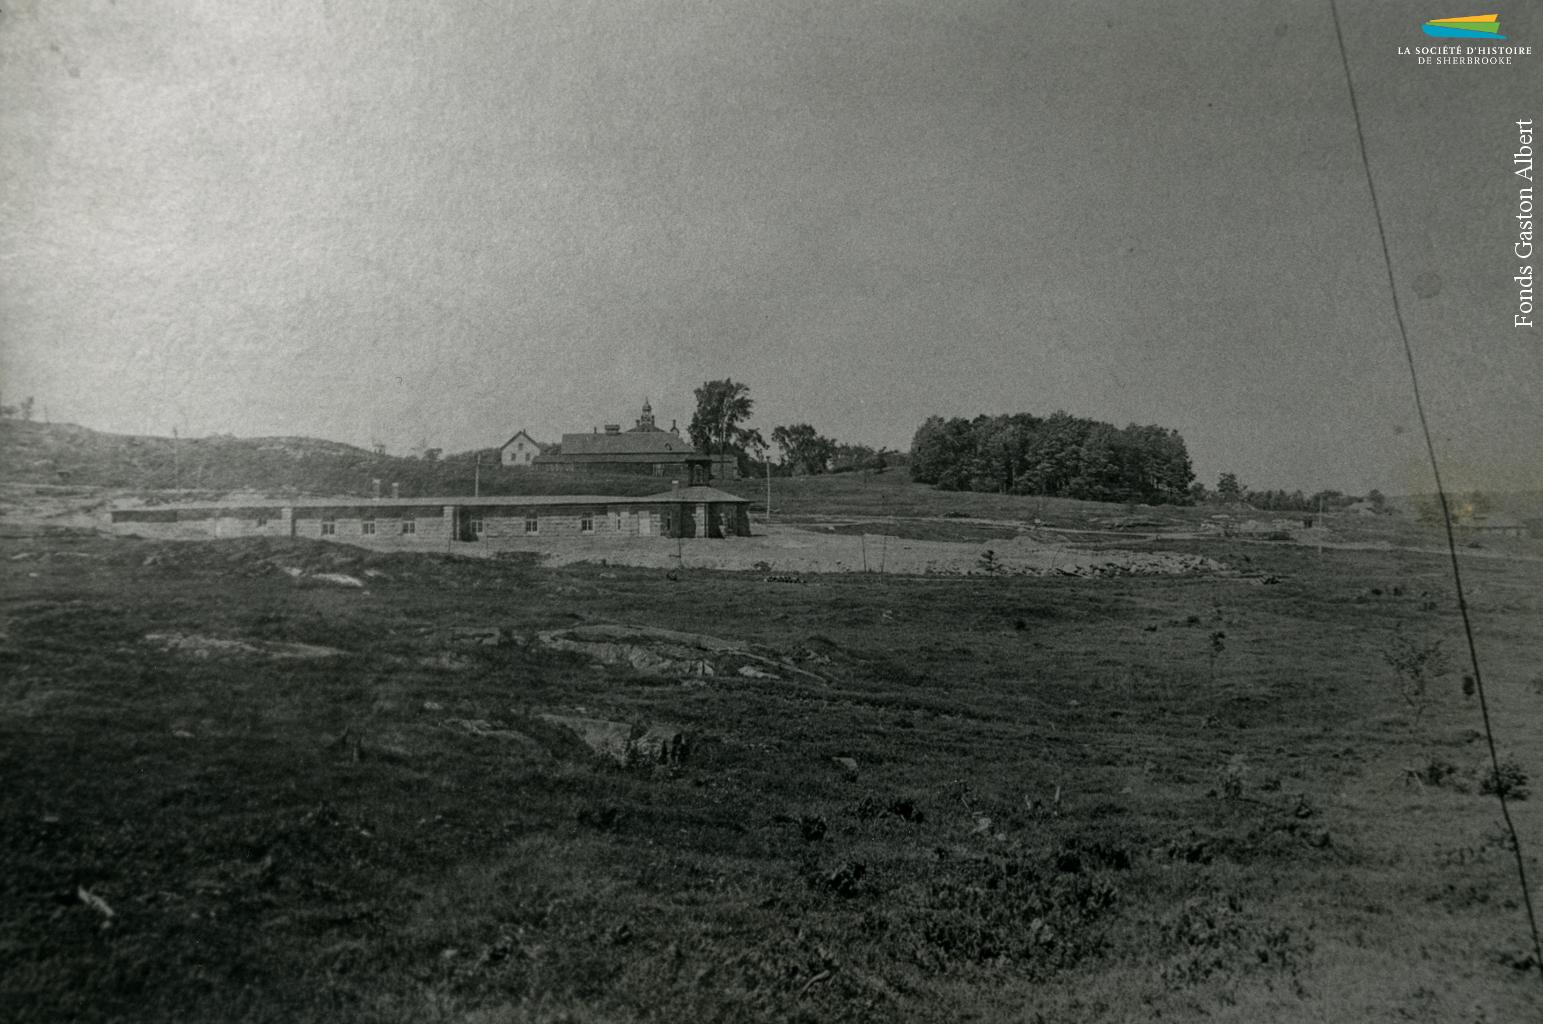 La construction de l'église Immaculée-Conception, vers 1910. C'est la Sherbrooke Real Estate Co. qui fait don en 1908 du terrain où l'église est construite. La compagnie immobilière veut construire un nouveau quartier et y attirer des ouvriers canadiens-français, ce pourquoi une église est construite au beau milieu d'un champ. Les rues environnantes (dont la rue LaRocque et la rue Adélard-Colette) et les logements sont tracés et construits dans les années suivantes.